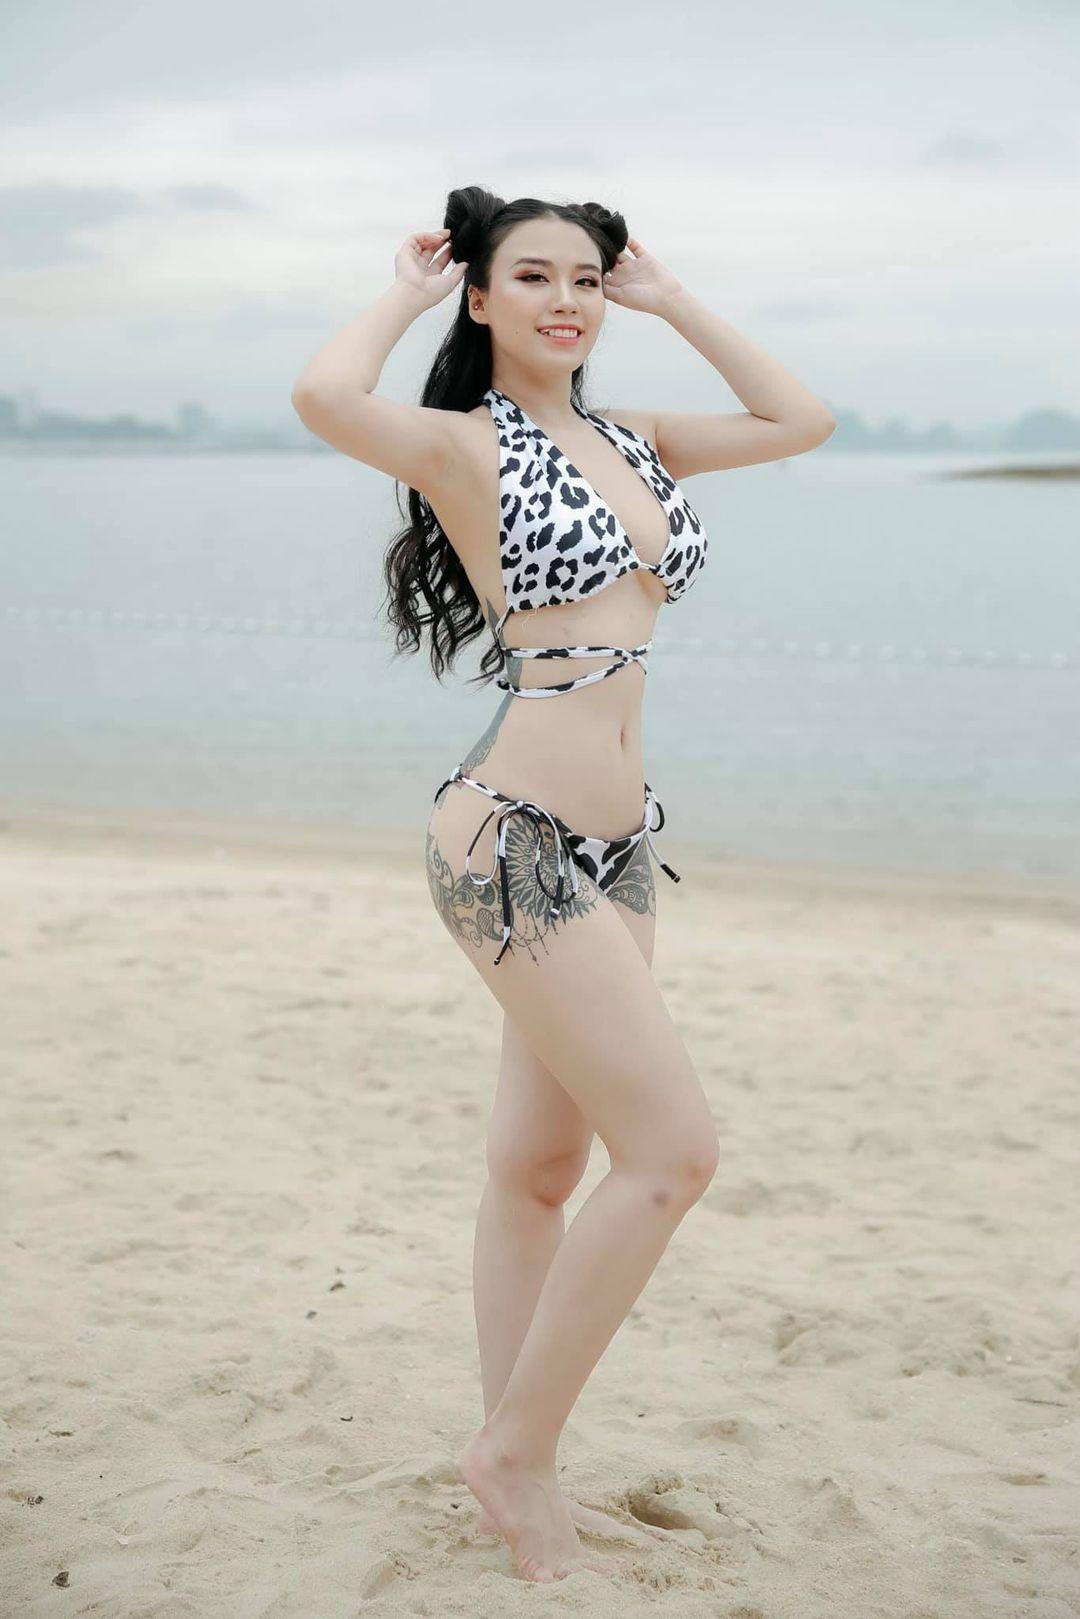 """Linh Miu khoe hình xăm kín thân với đồ bơi, vị trí """"vẩy mực"""" dễ gây hiểu lầm - 4"""